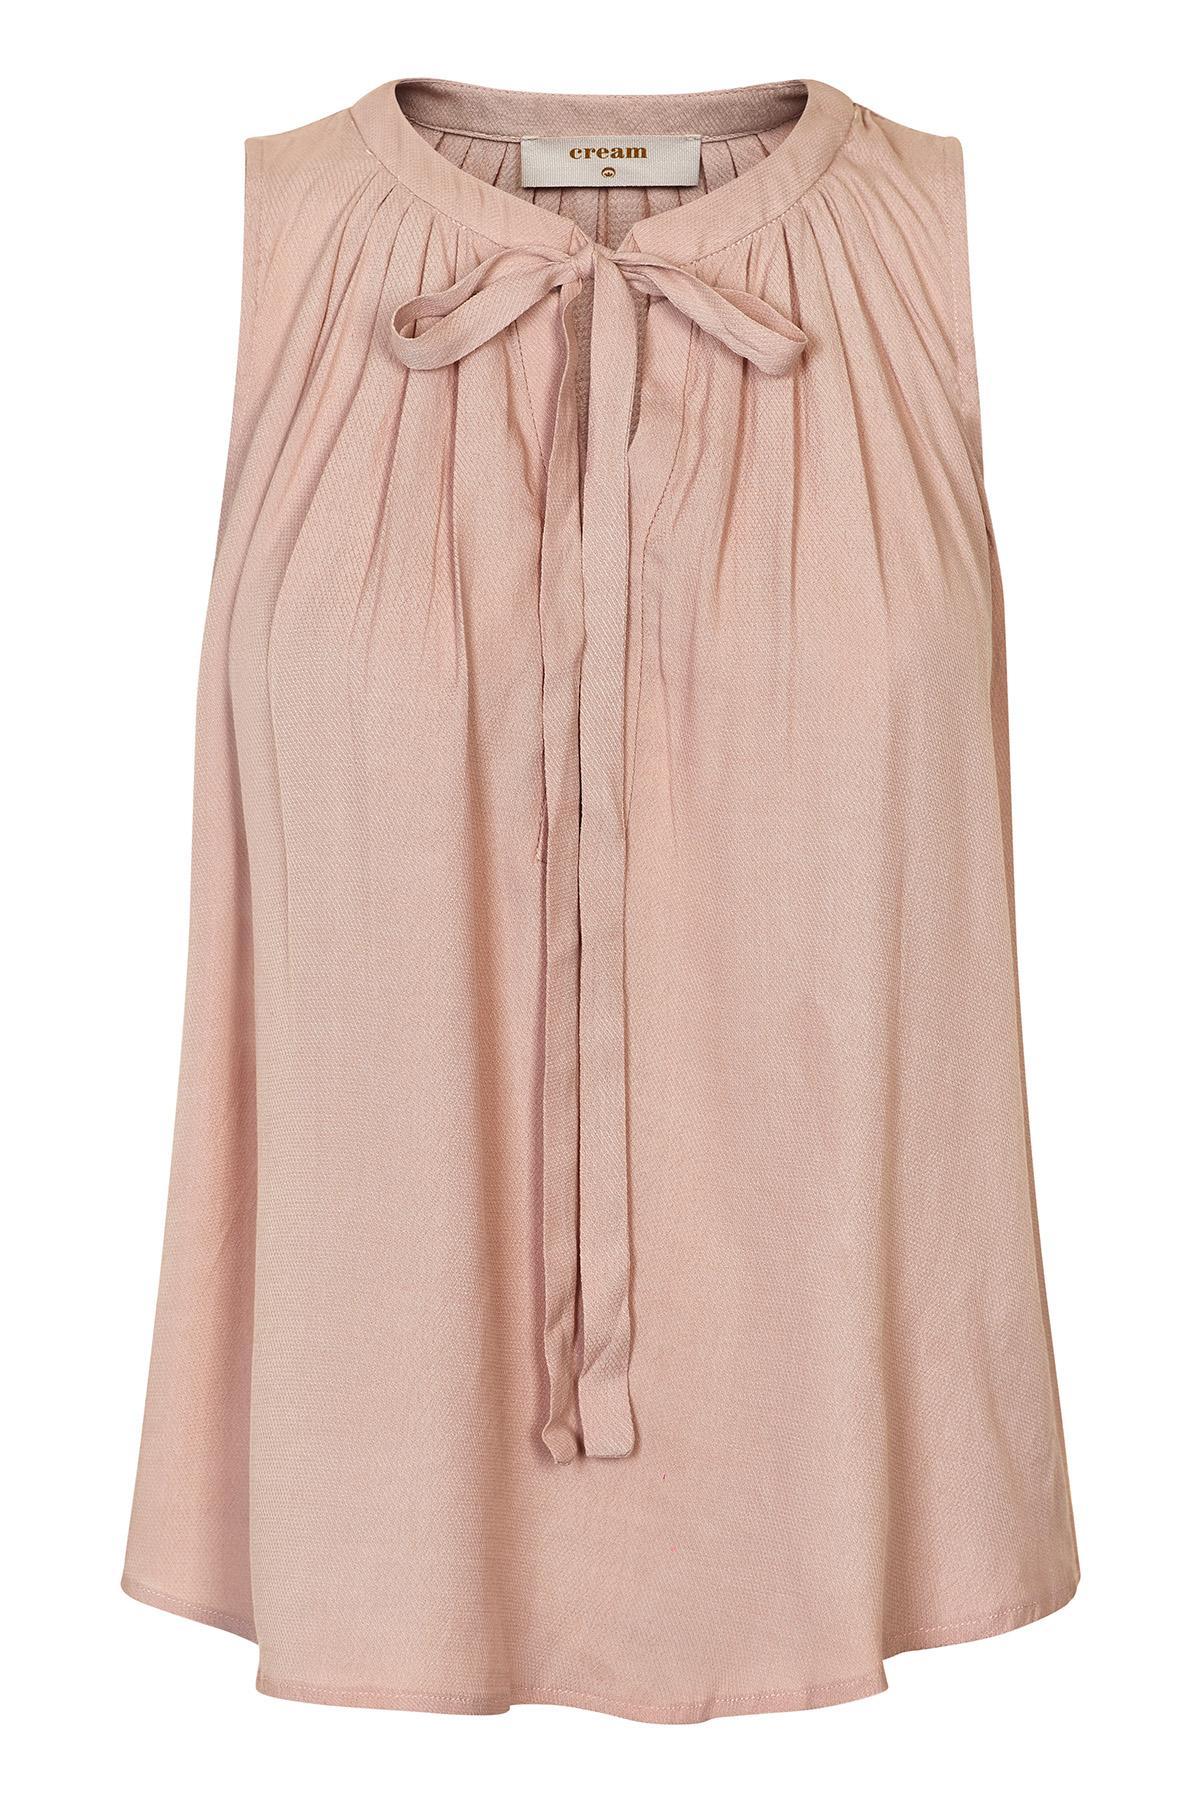 Image of Cream Dame Kortærmet bluse - Støvet rosa